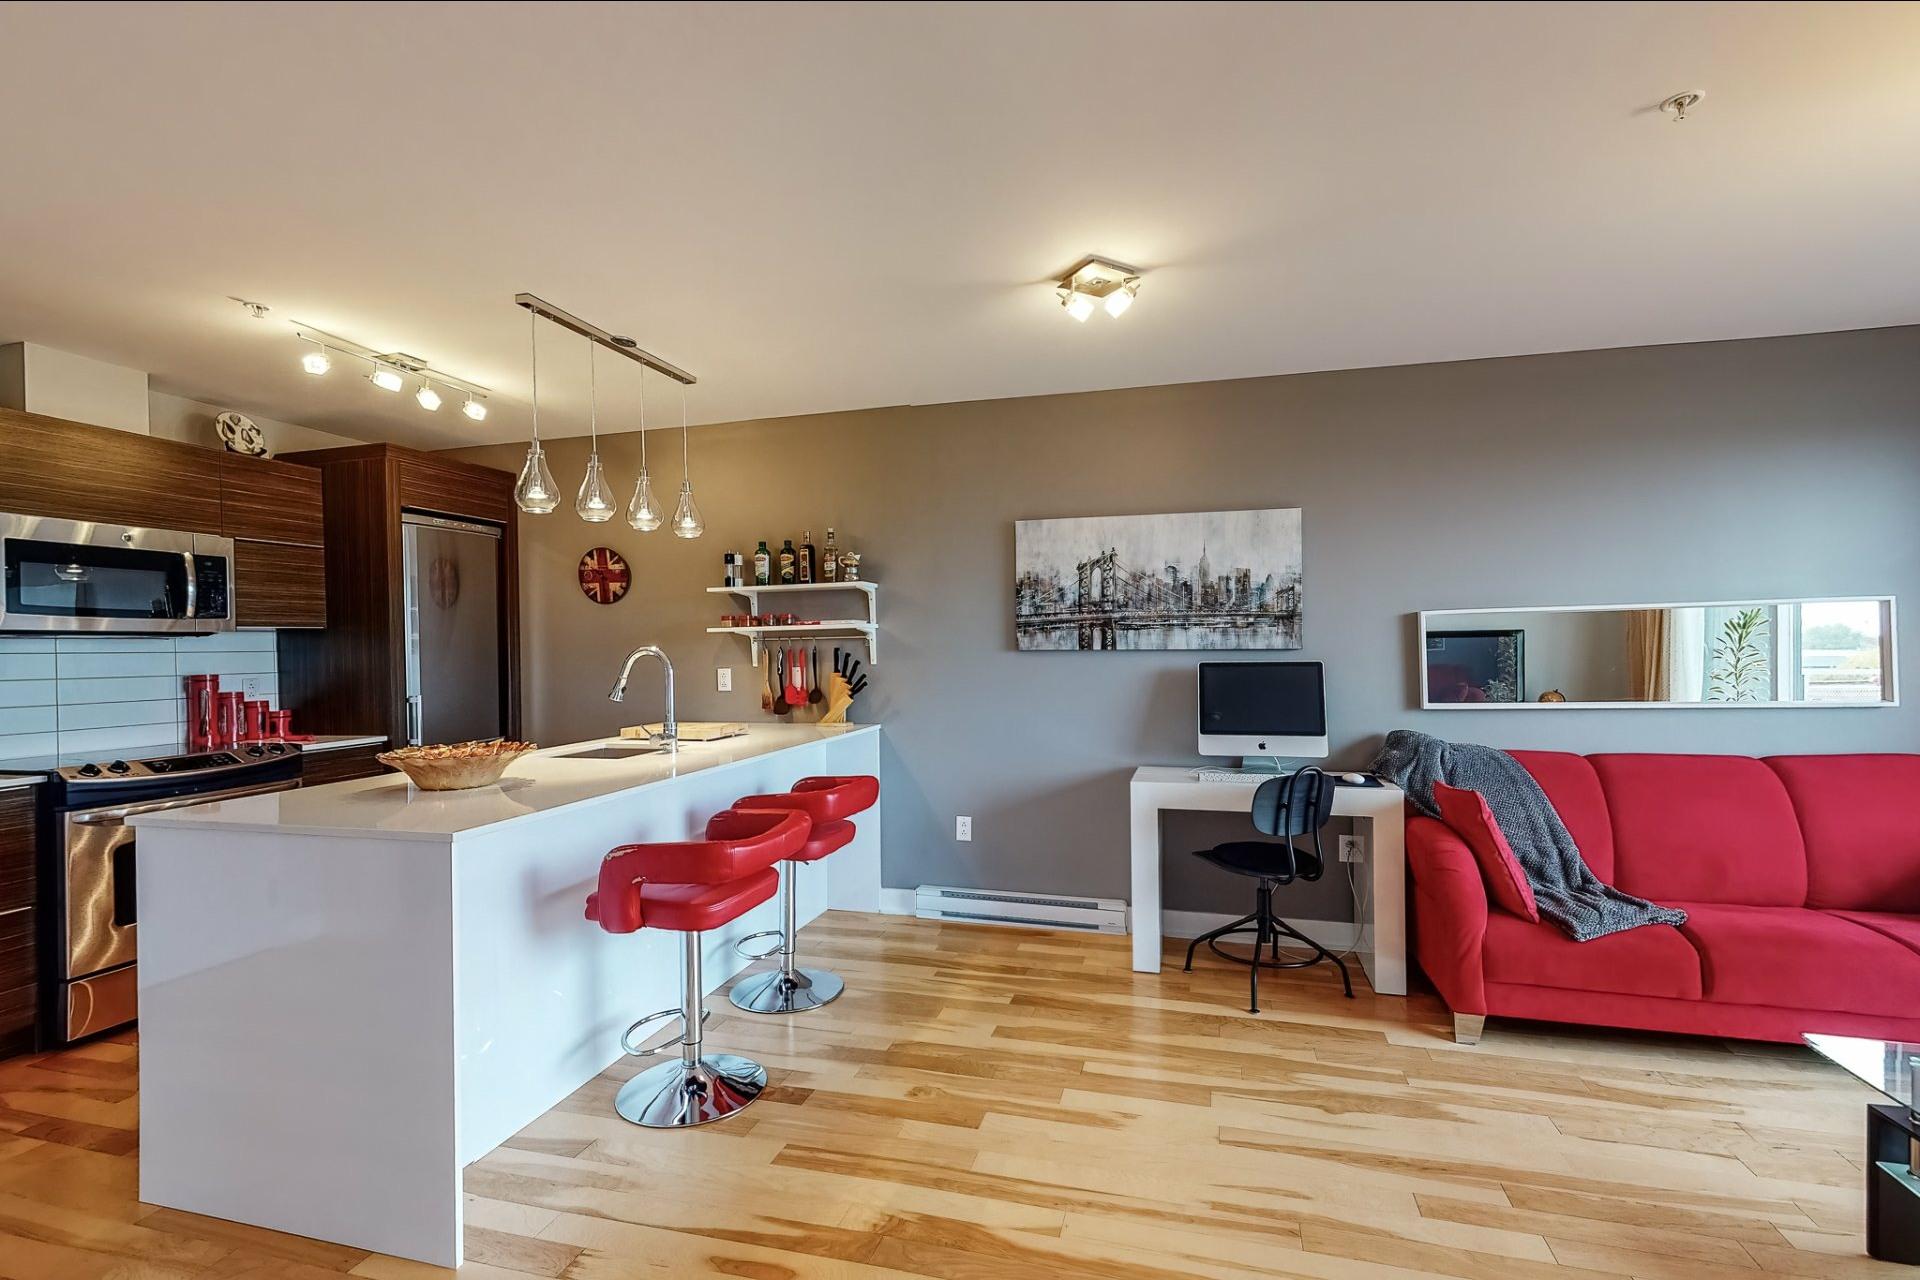 image 5 - Appartement À vendre Rosemont/La Petite-Patrie Montréal  - 3 pièces